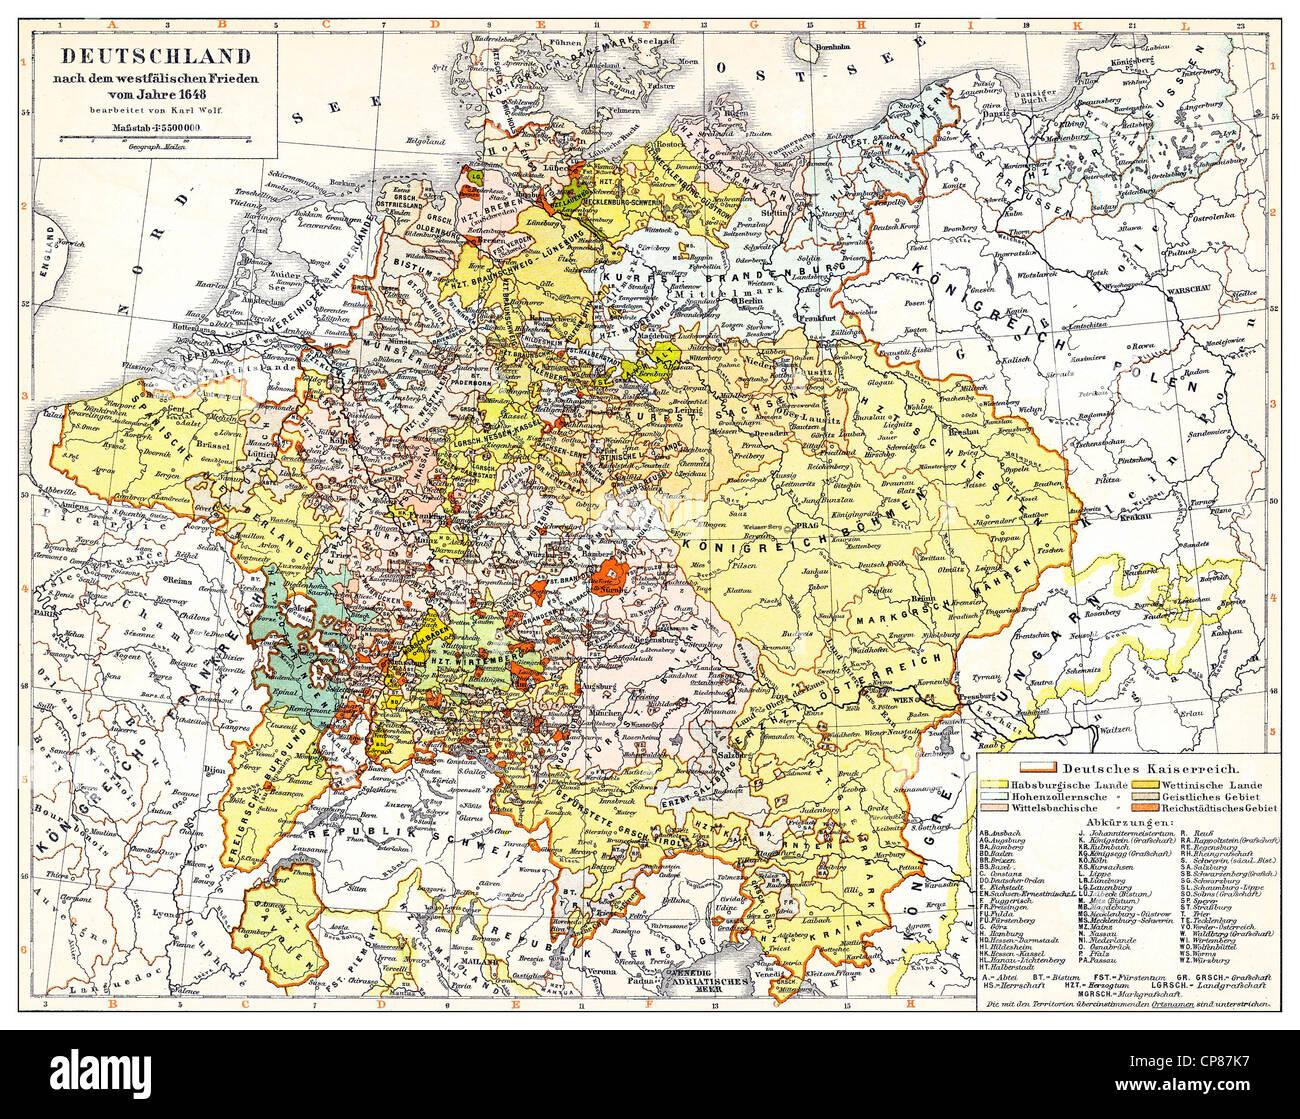 Historische Karte Von Deutschland Und Europa Nach Dem